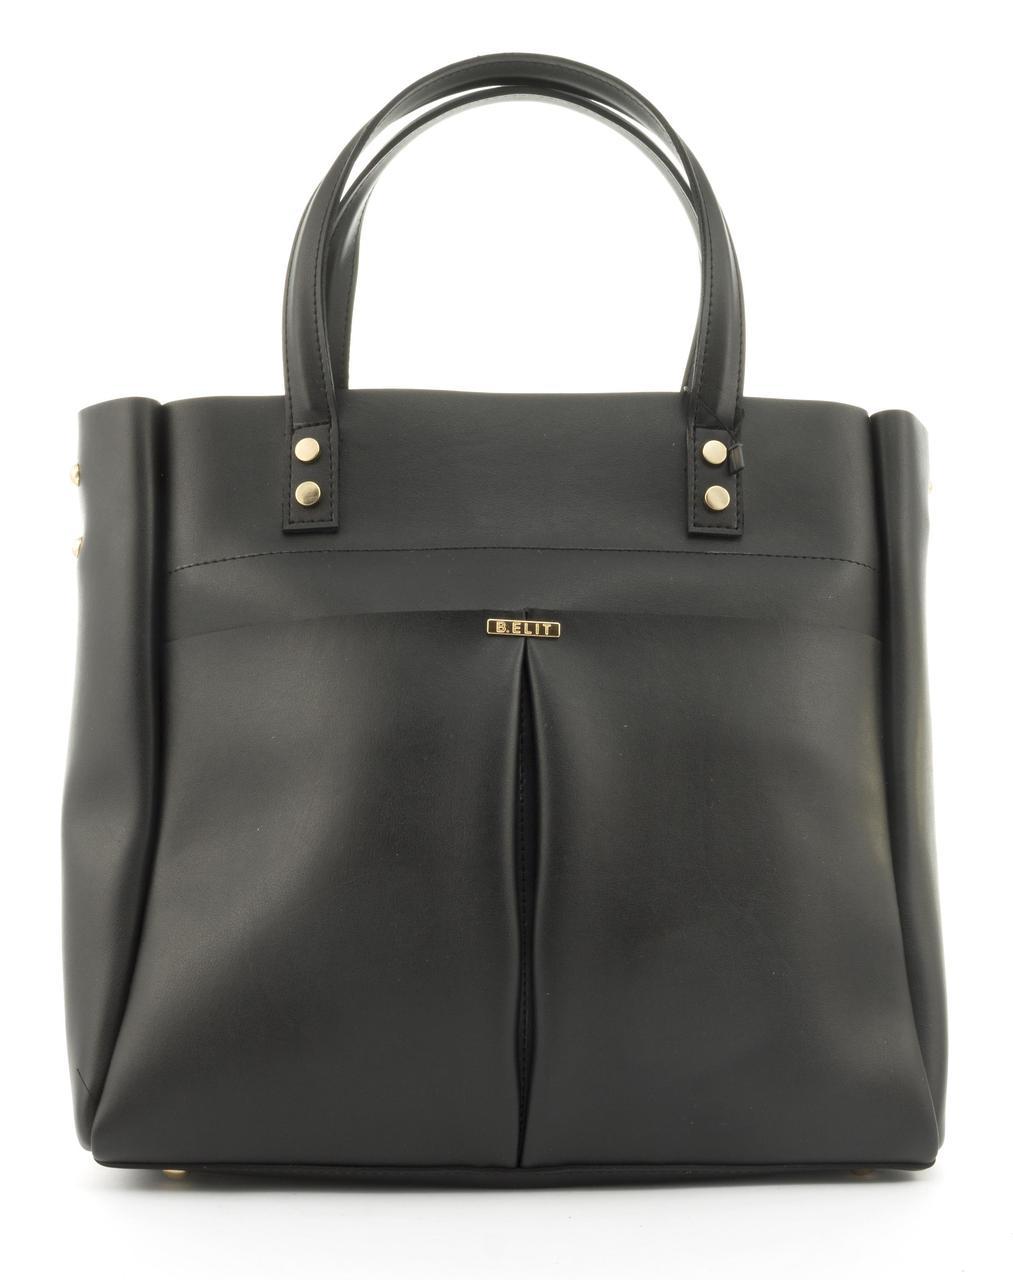 Оригинальная вместительная качественная сумка с эко кожи очень высокого качества B.Elite art. 08-30 черн/черн